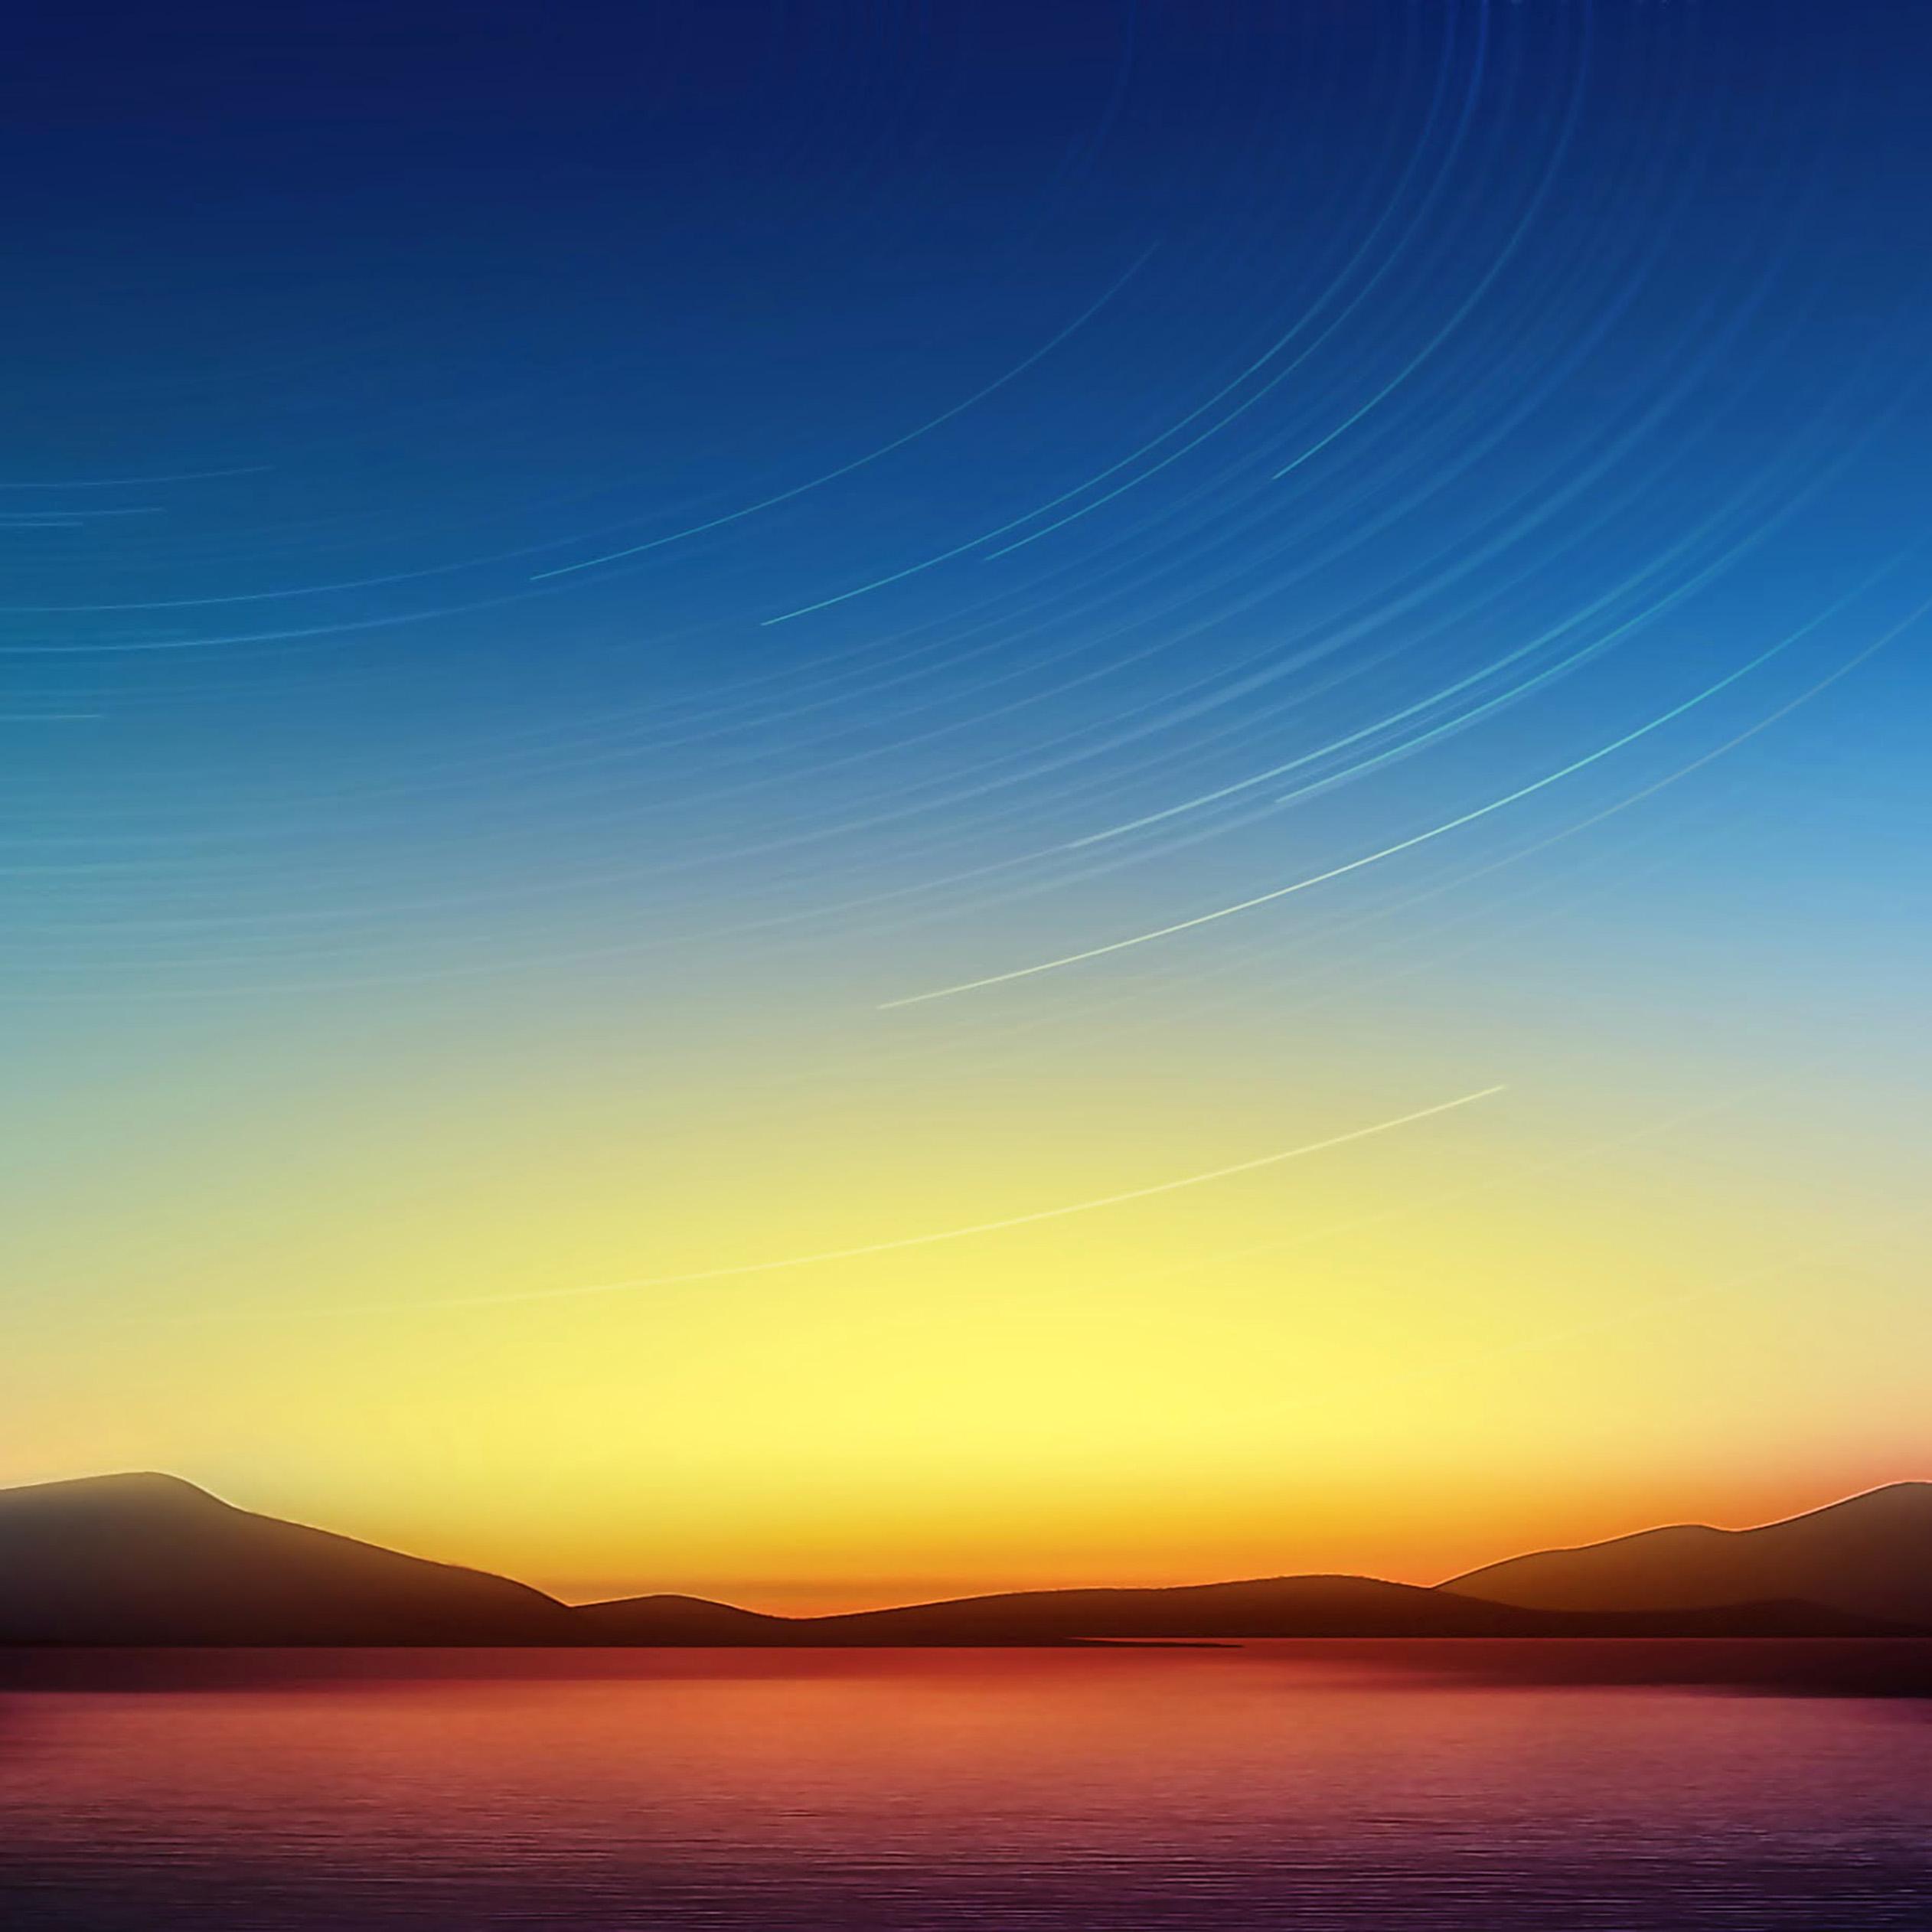 背景 壁纸 风景 天空 桌面 2524_2524